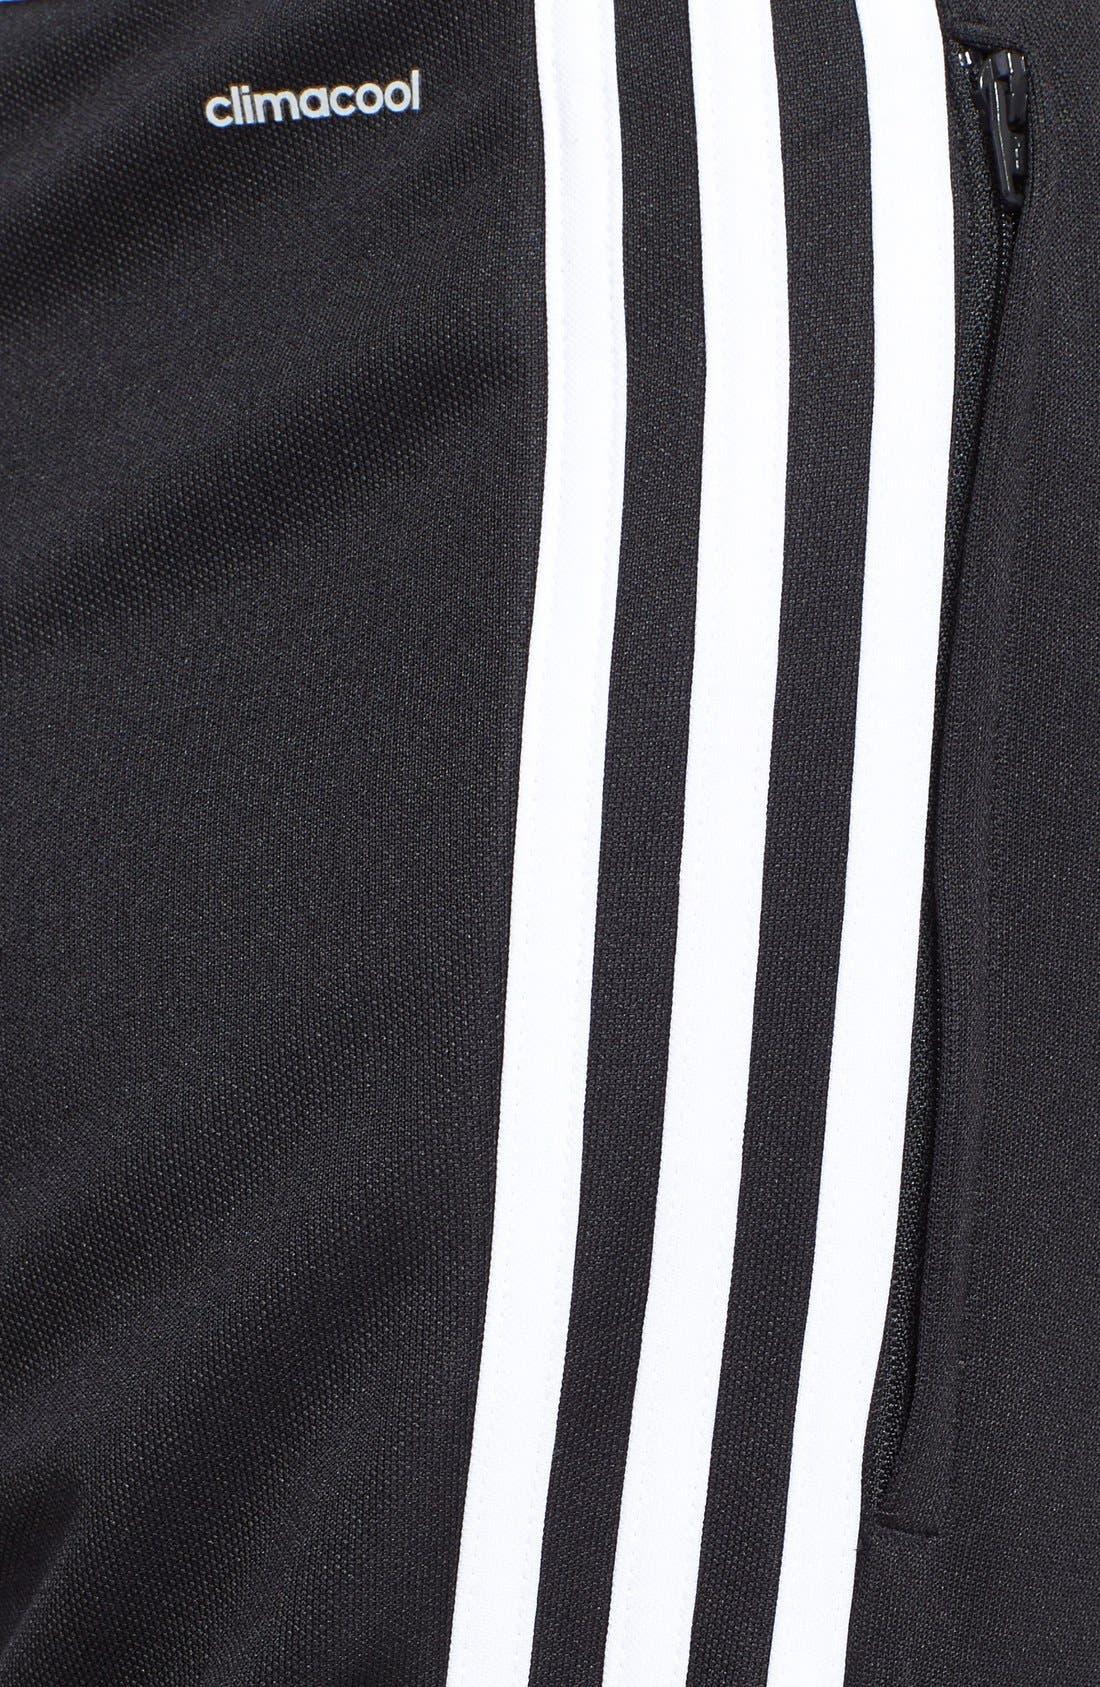 Alternate Image 3  - adidas 'Tiro 15' Training Pants